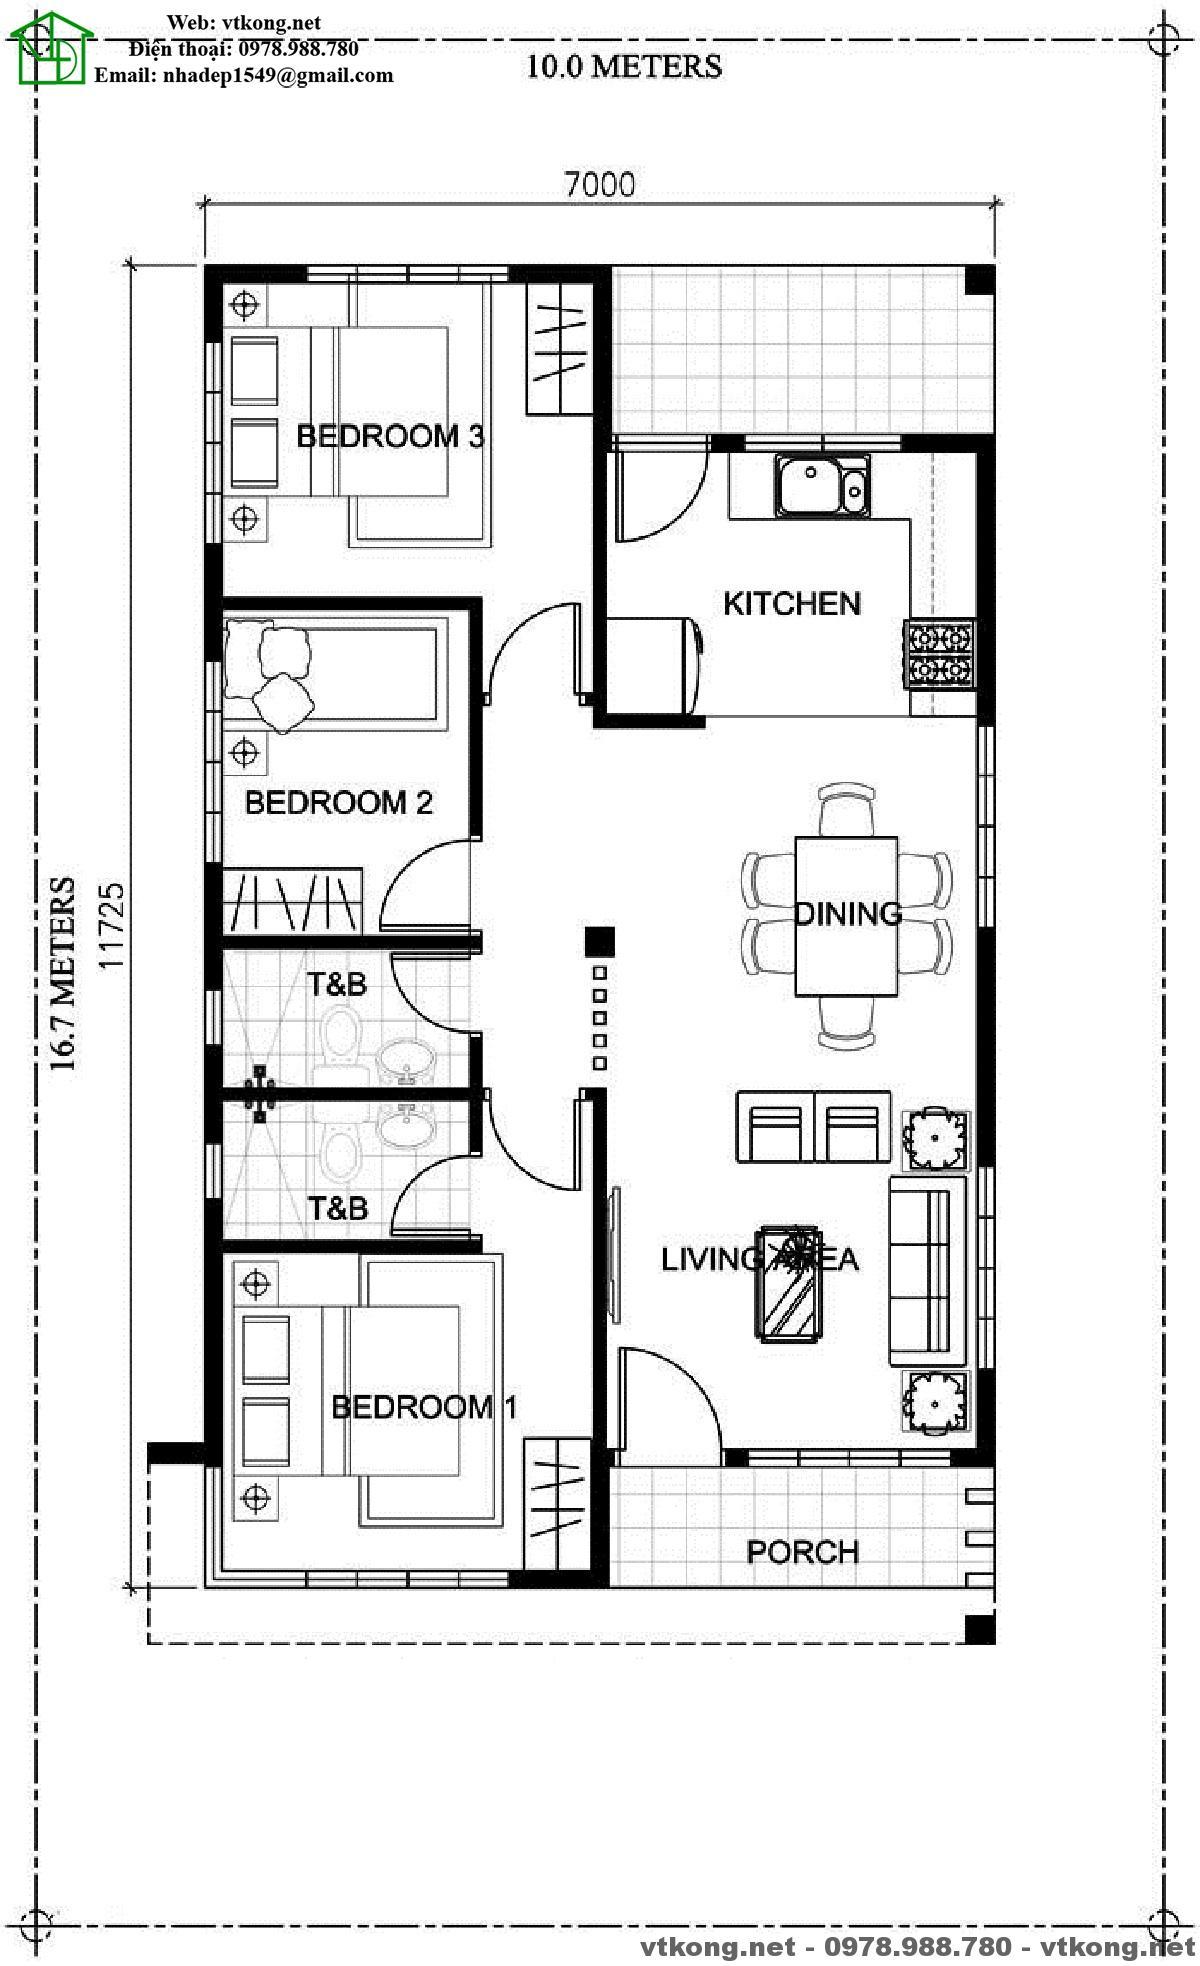 Small Bathroom Floor Plans Autocad: Tham Khảo Các Mẫu Nhà Cấp 4 đẹp Xinh Xắn NETNC4143